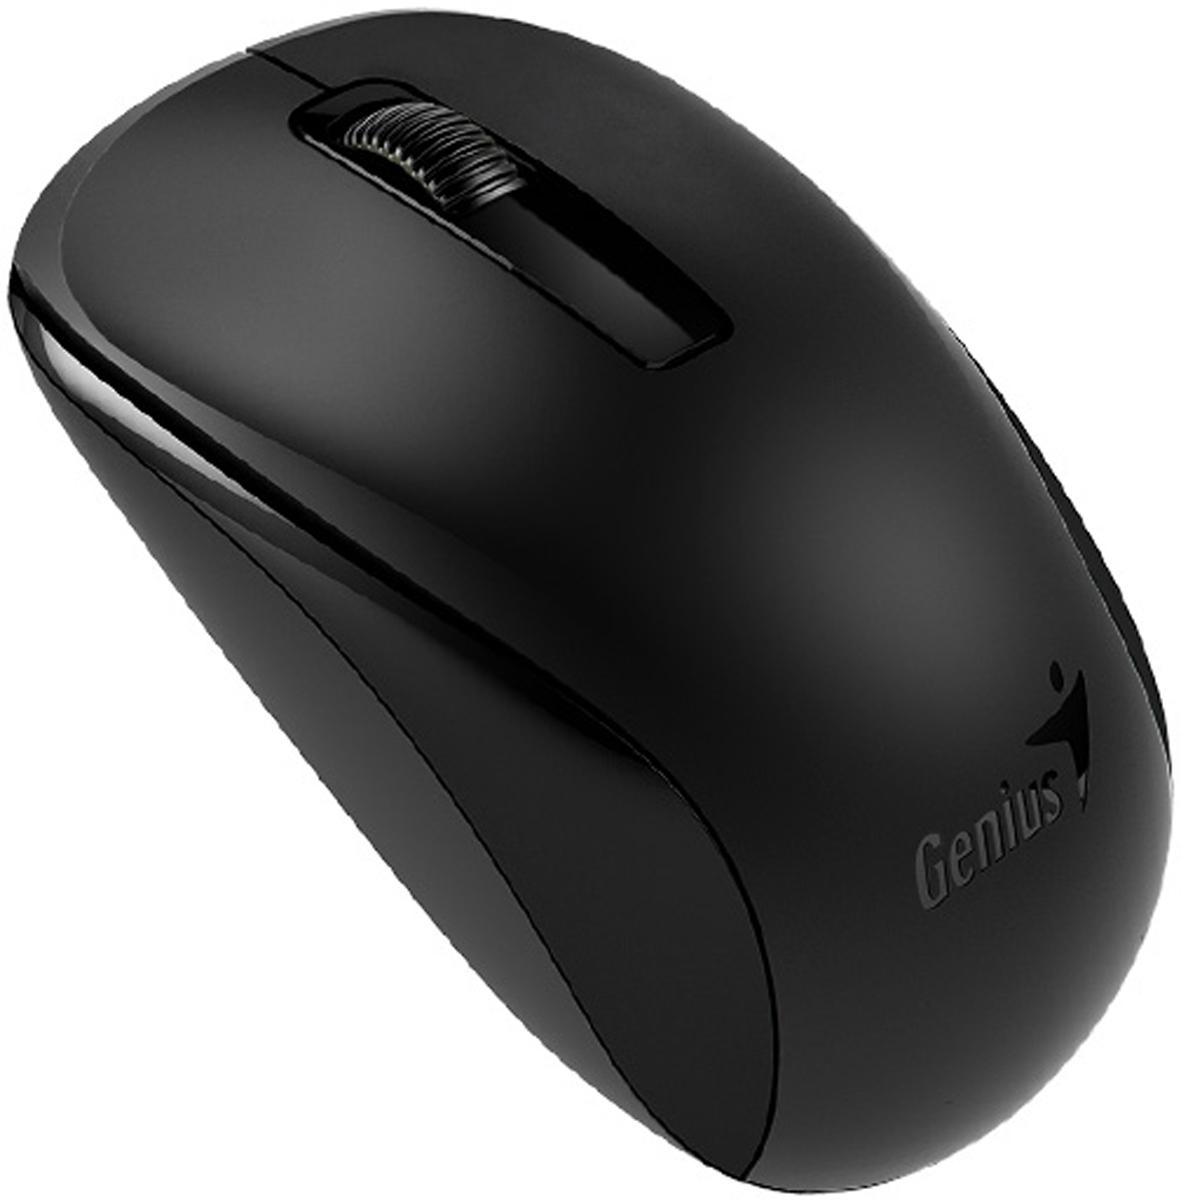 Genius NX-7005, Black мышь беспроводная31030127101Мышь Genius NX-7005 подходит как для правой, так и для левой руки.Благодаря четкой форме легко лежит как в правой, так и в левой руке и обеспечивает максимальное удобство на протяжении всего дня.Благодаря технологии BlueEye с разрешением 1200 dpi мышь NX-7005 обеспечивает великолепную точность и работу практически на любом покрытии: на запыленном стекле или мраморе, на диване и даже на ковре.Приемник NX-7005 можно использовать с другими беспроводными мышами Genius для дополнительной мобильности. Не придется беспокоиться, если приемник от этой беспроводной серии Genius потеряется.Во время поездки можно хранить приемник под днищем мыши.